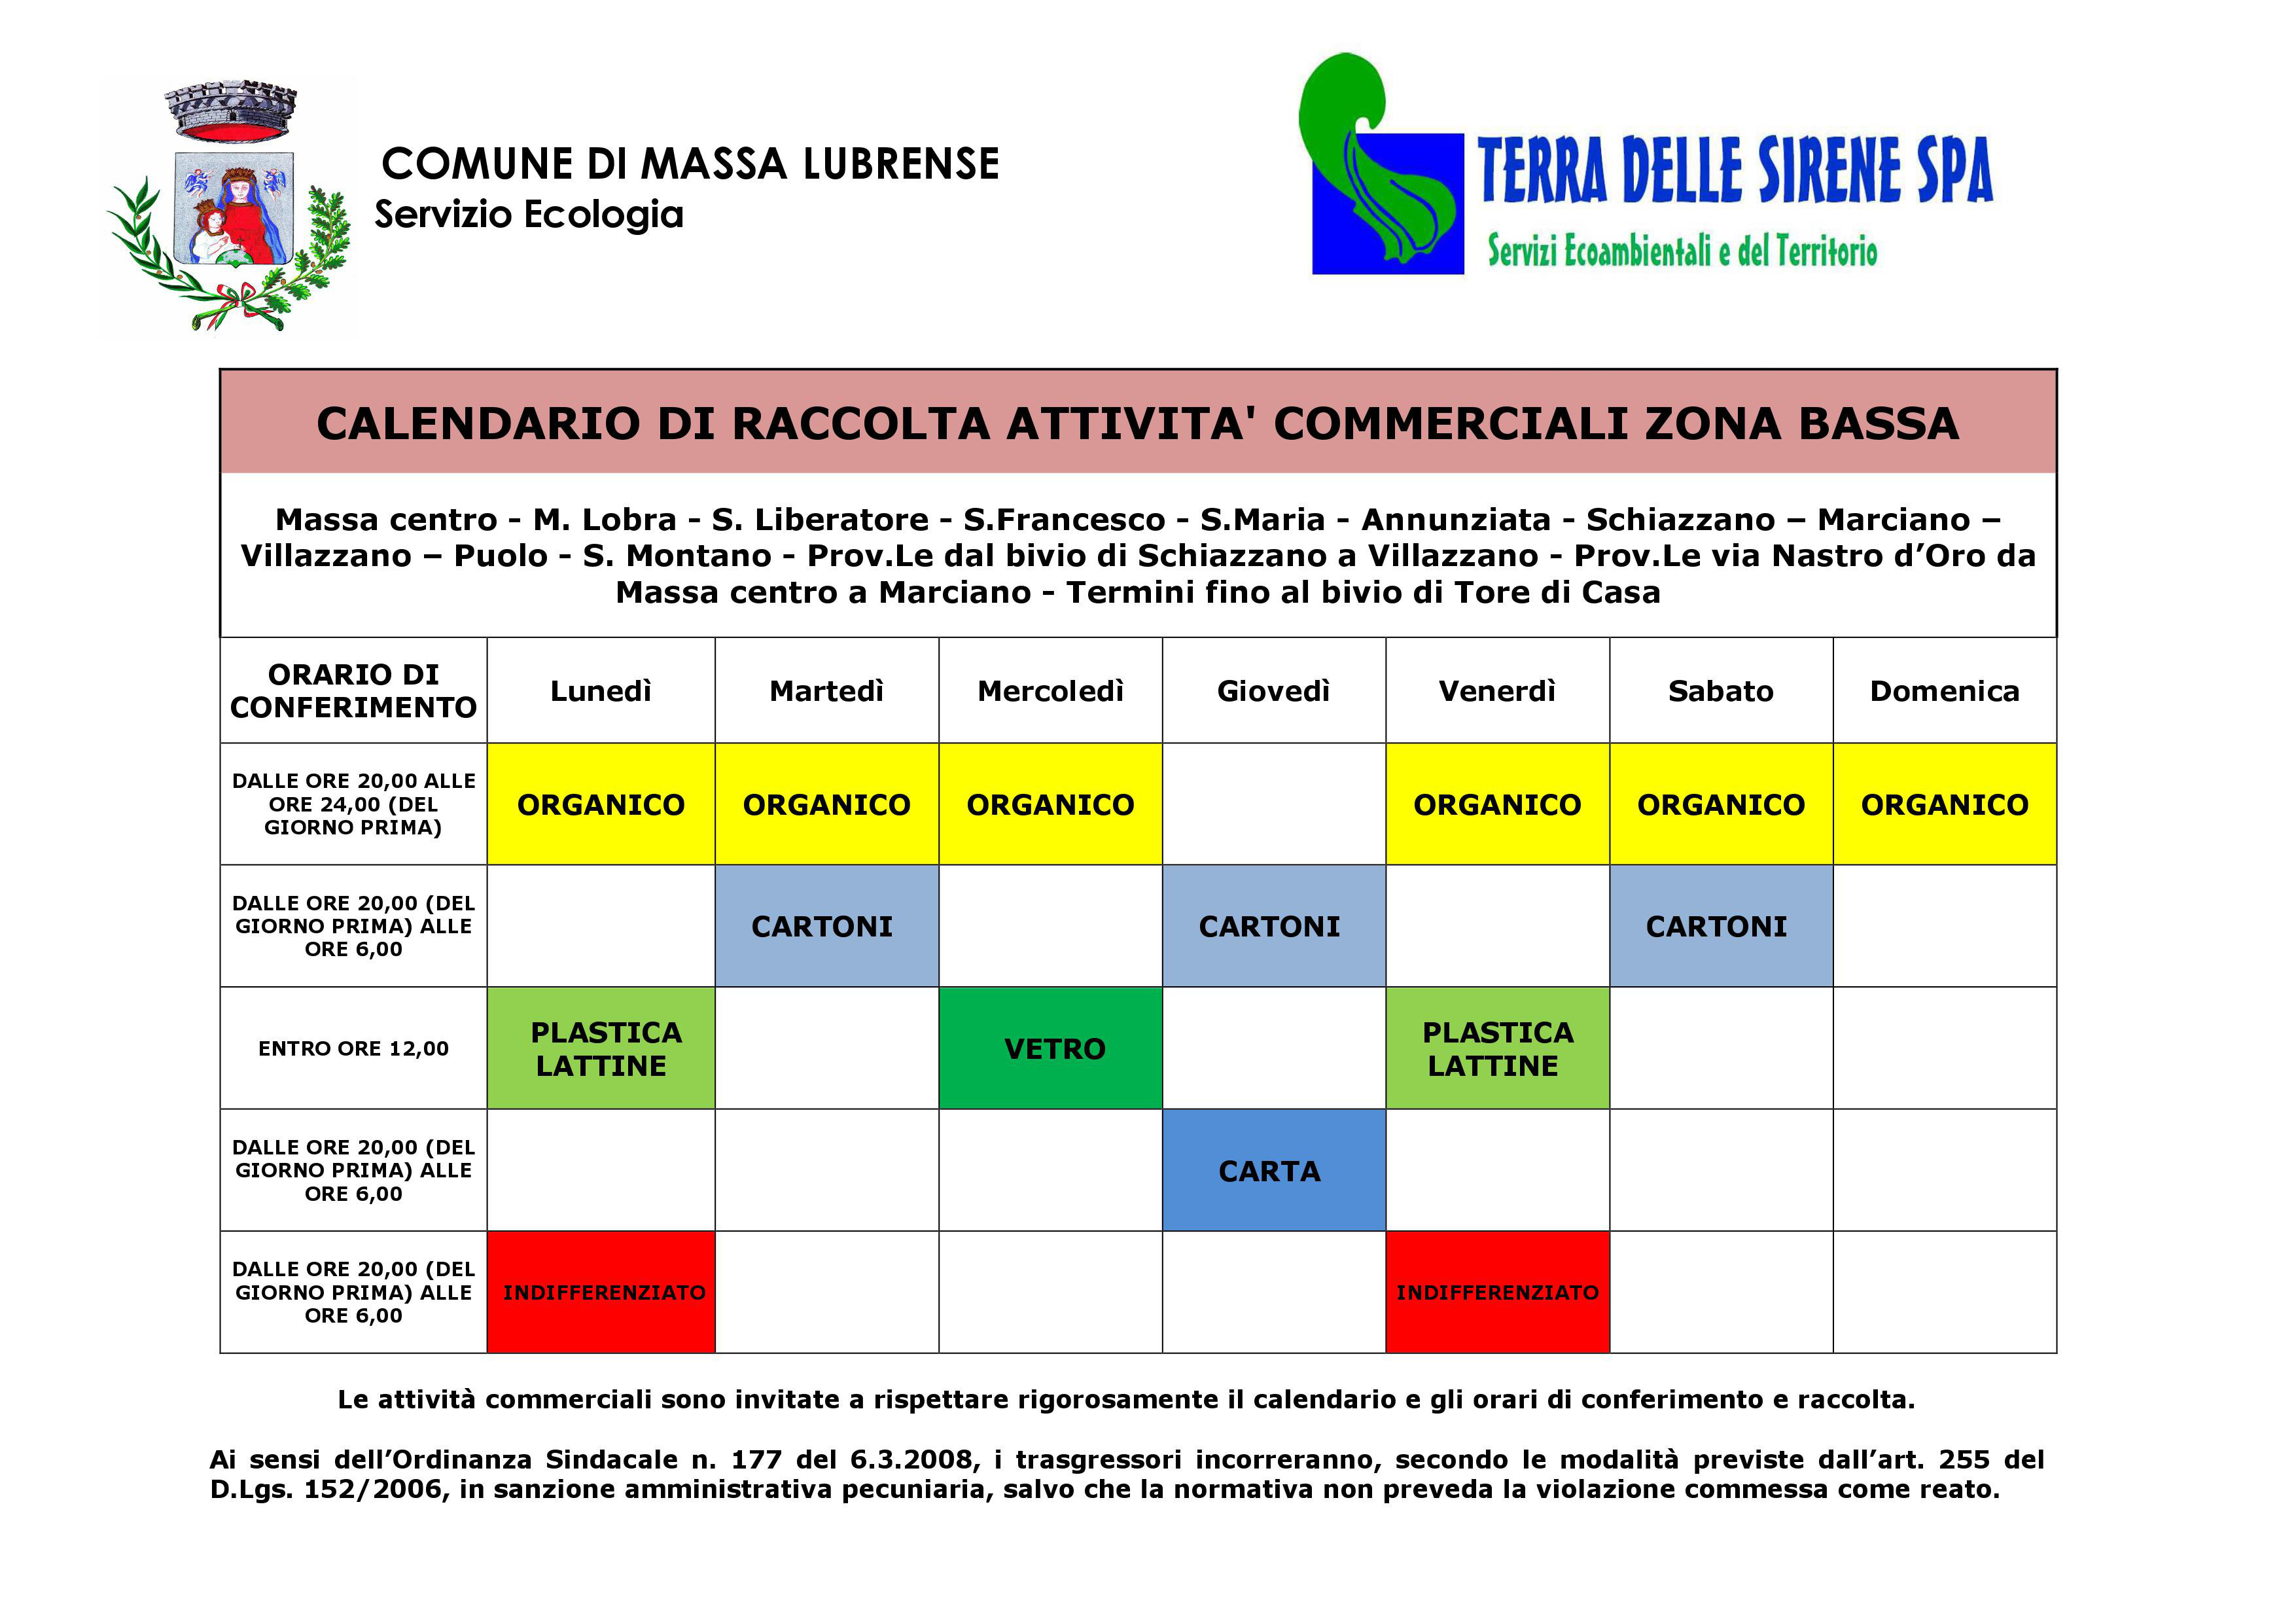 Calendario Attivita.Calendario Attivita Commerciali Zona Bassa